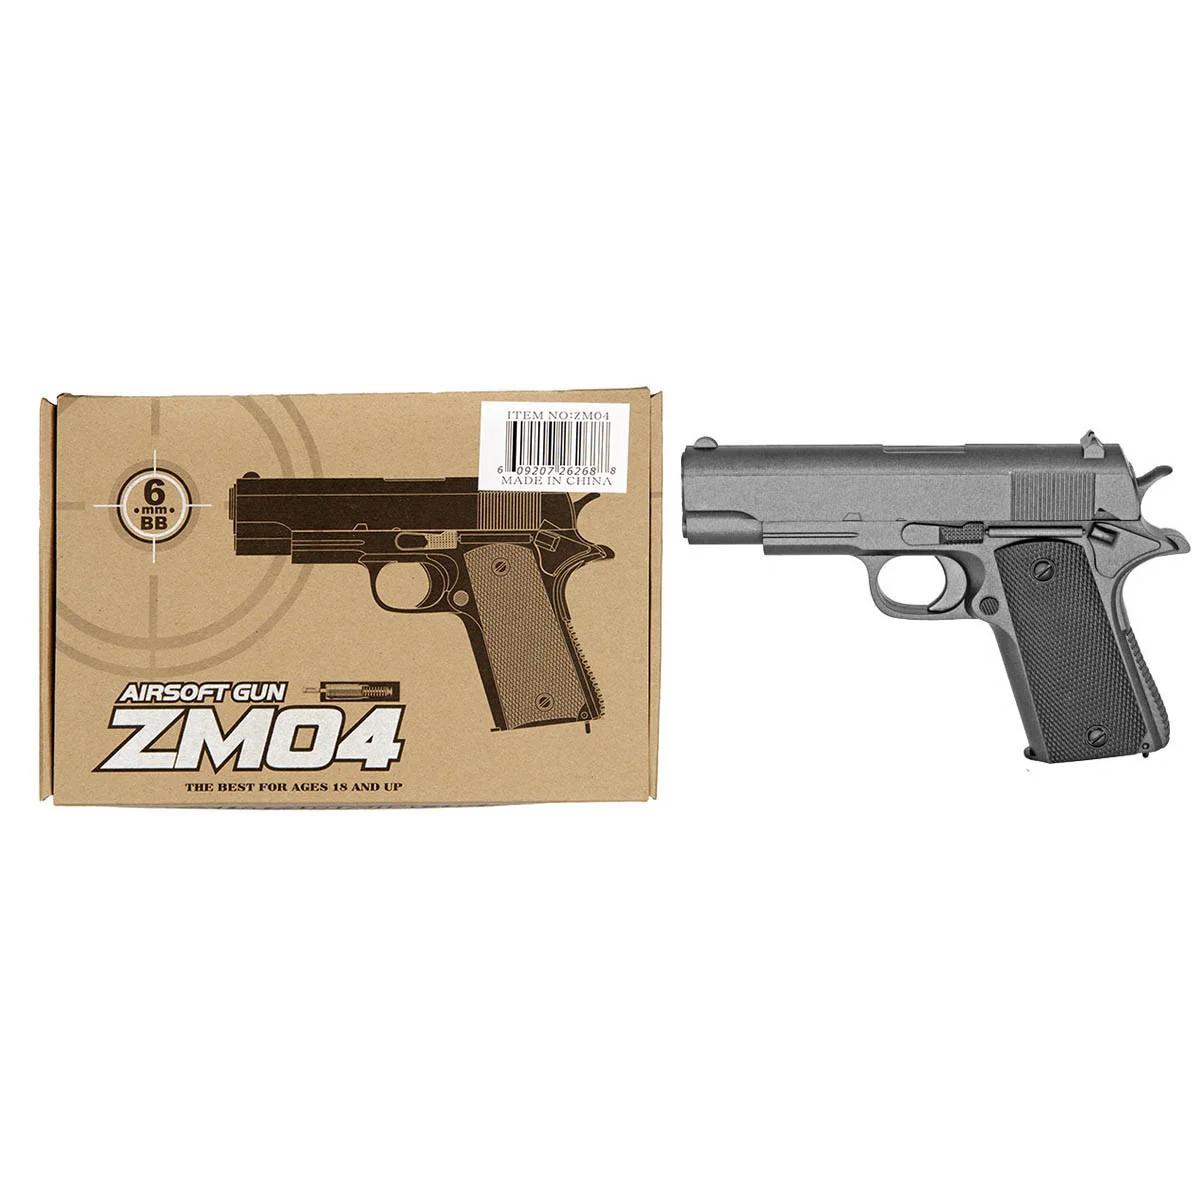 Дитячий металевий іграшковий пістолет для хлопчика CYMA ZM04 L 00020 з кулями